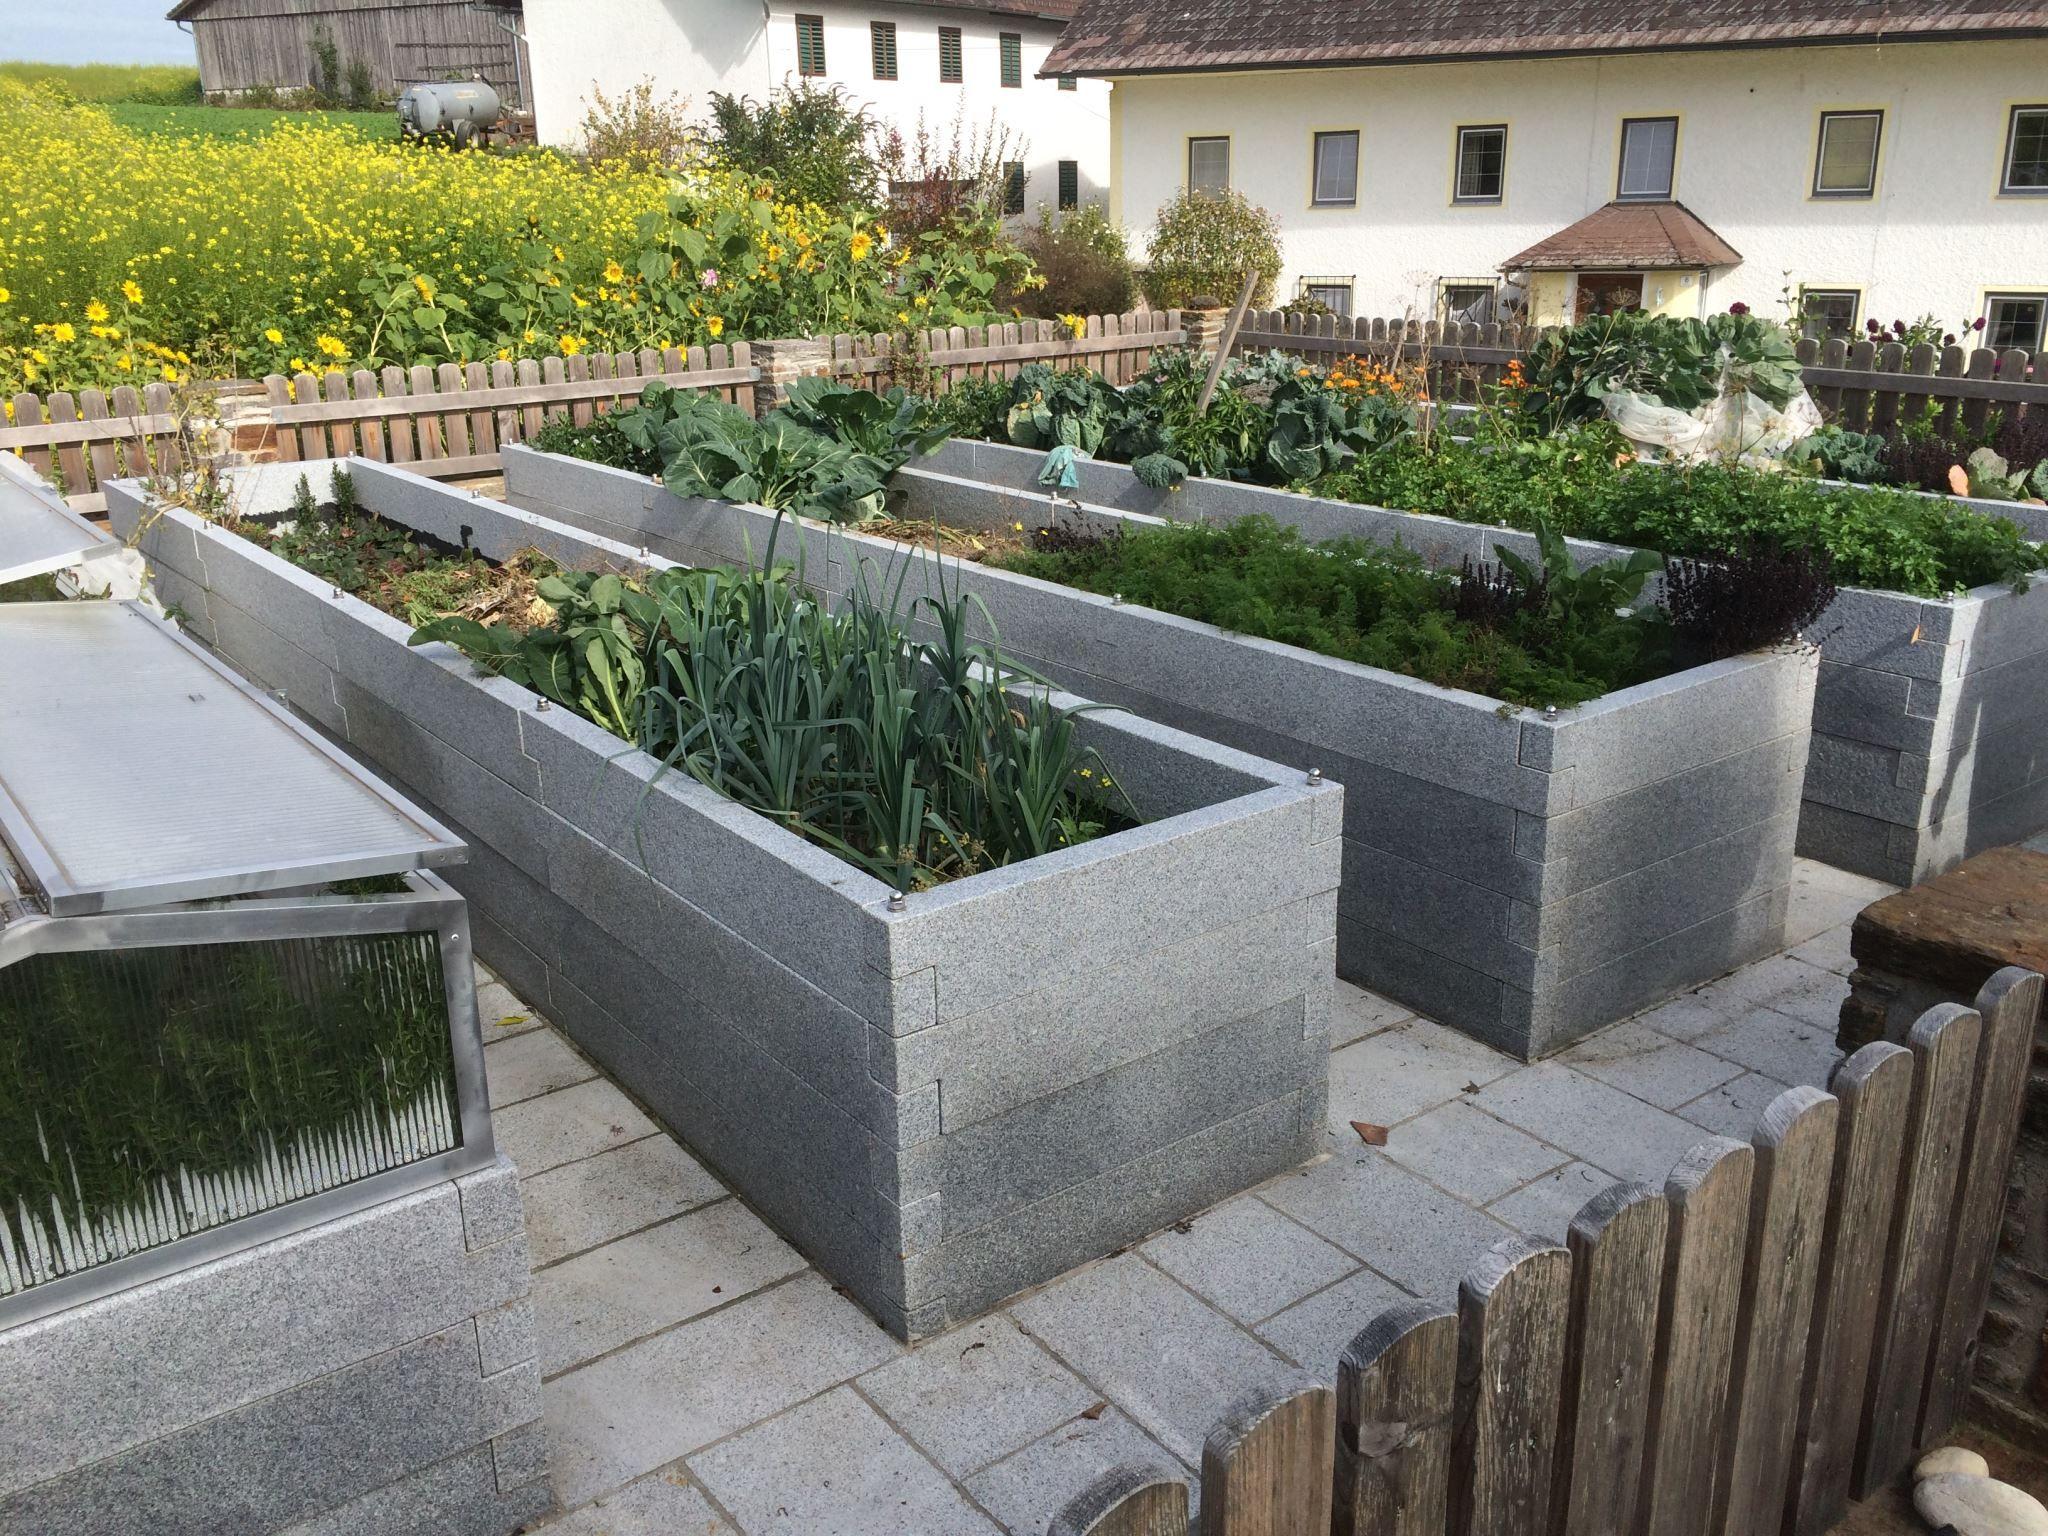 Hochbeet Crystall Grey 100 20 8 Cm Stein Co Hochbeet Garten Hochbeet Gartengestaltung